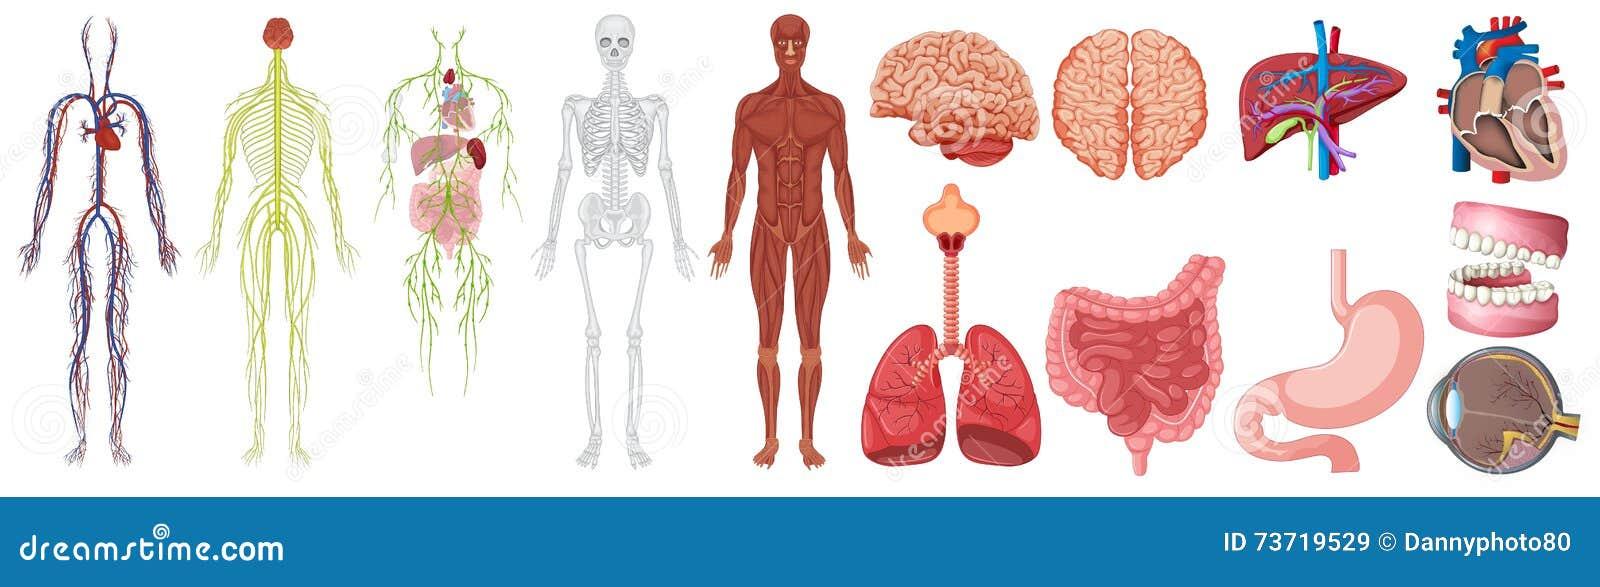 Encantador Anatomía De La Oyen Componente - Anatomía de Las ...